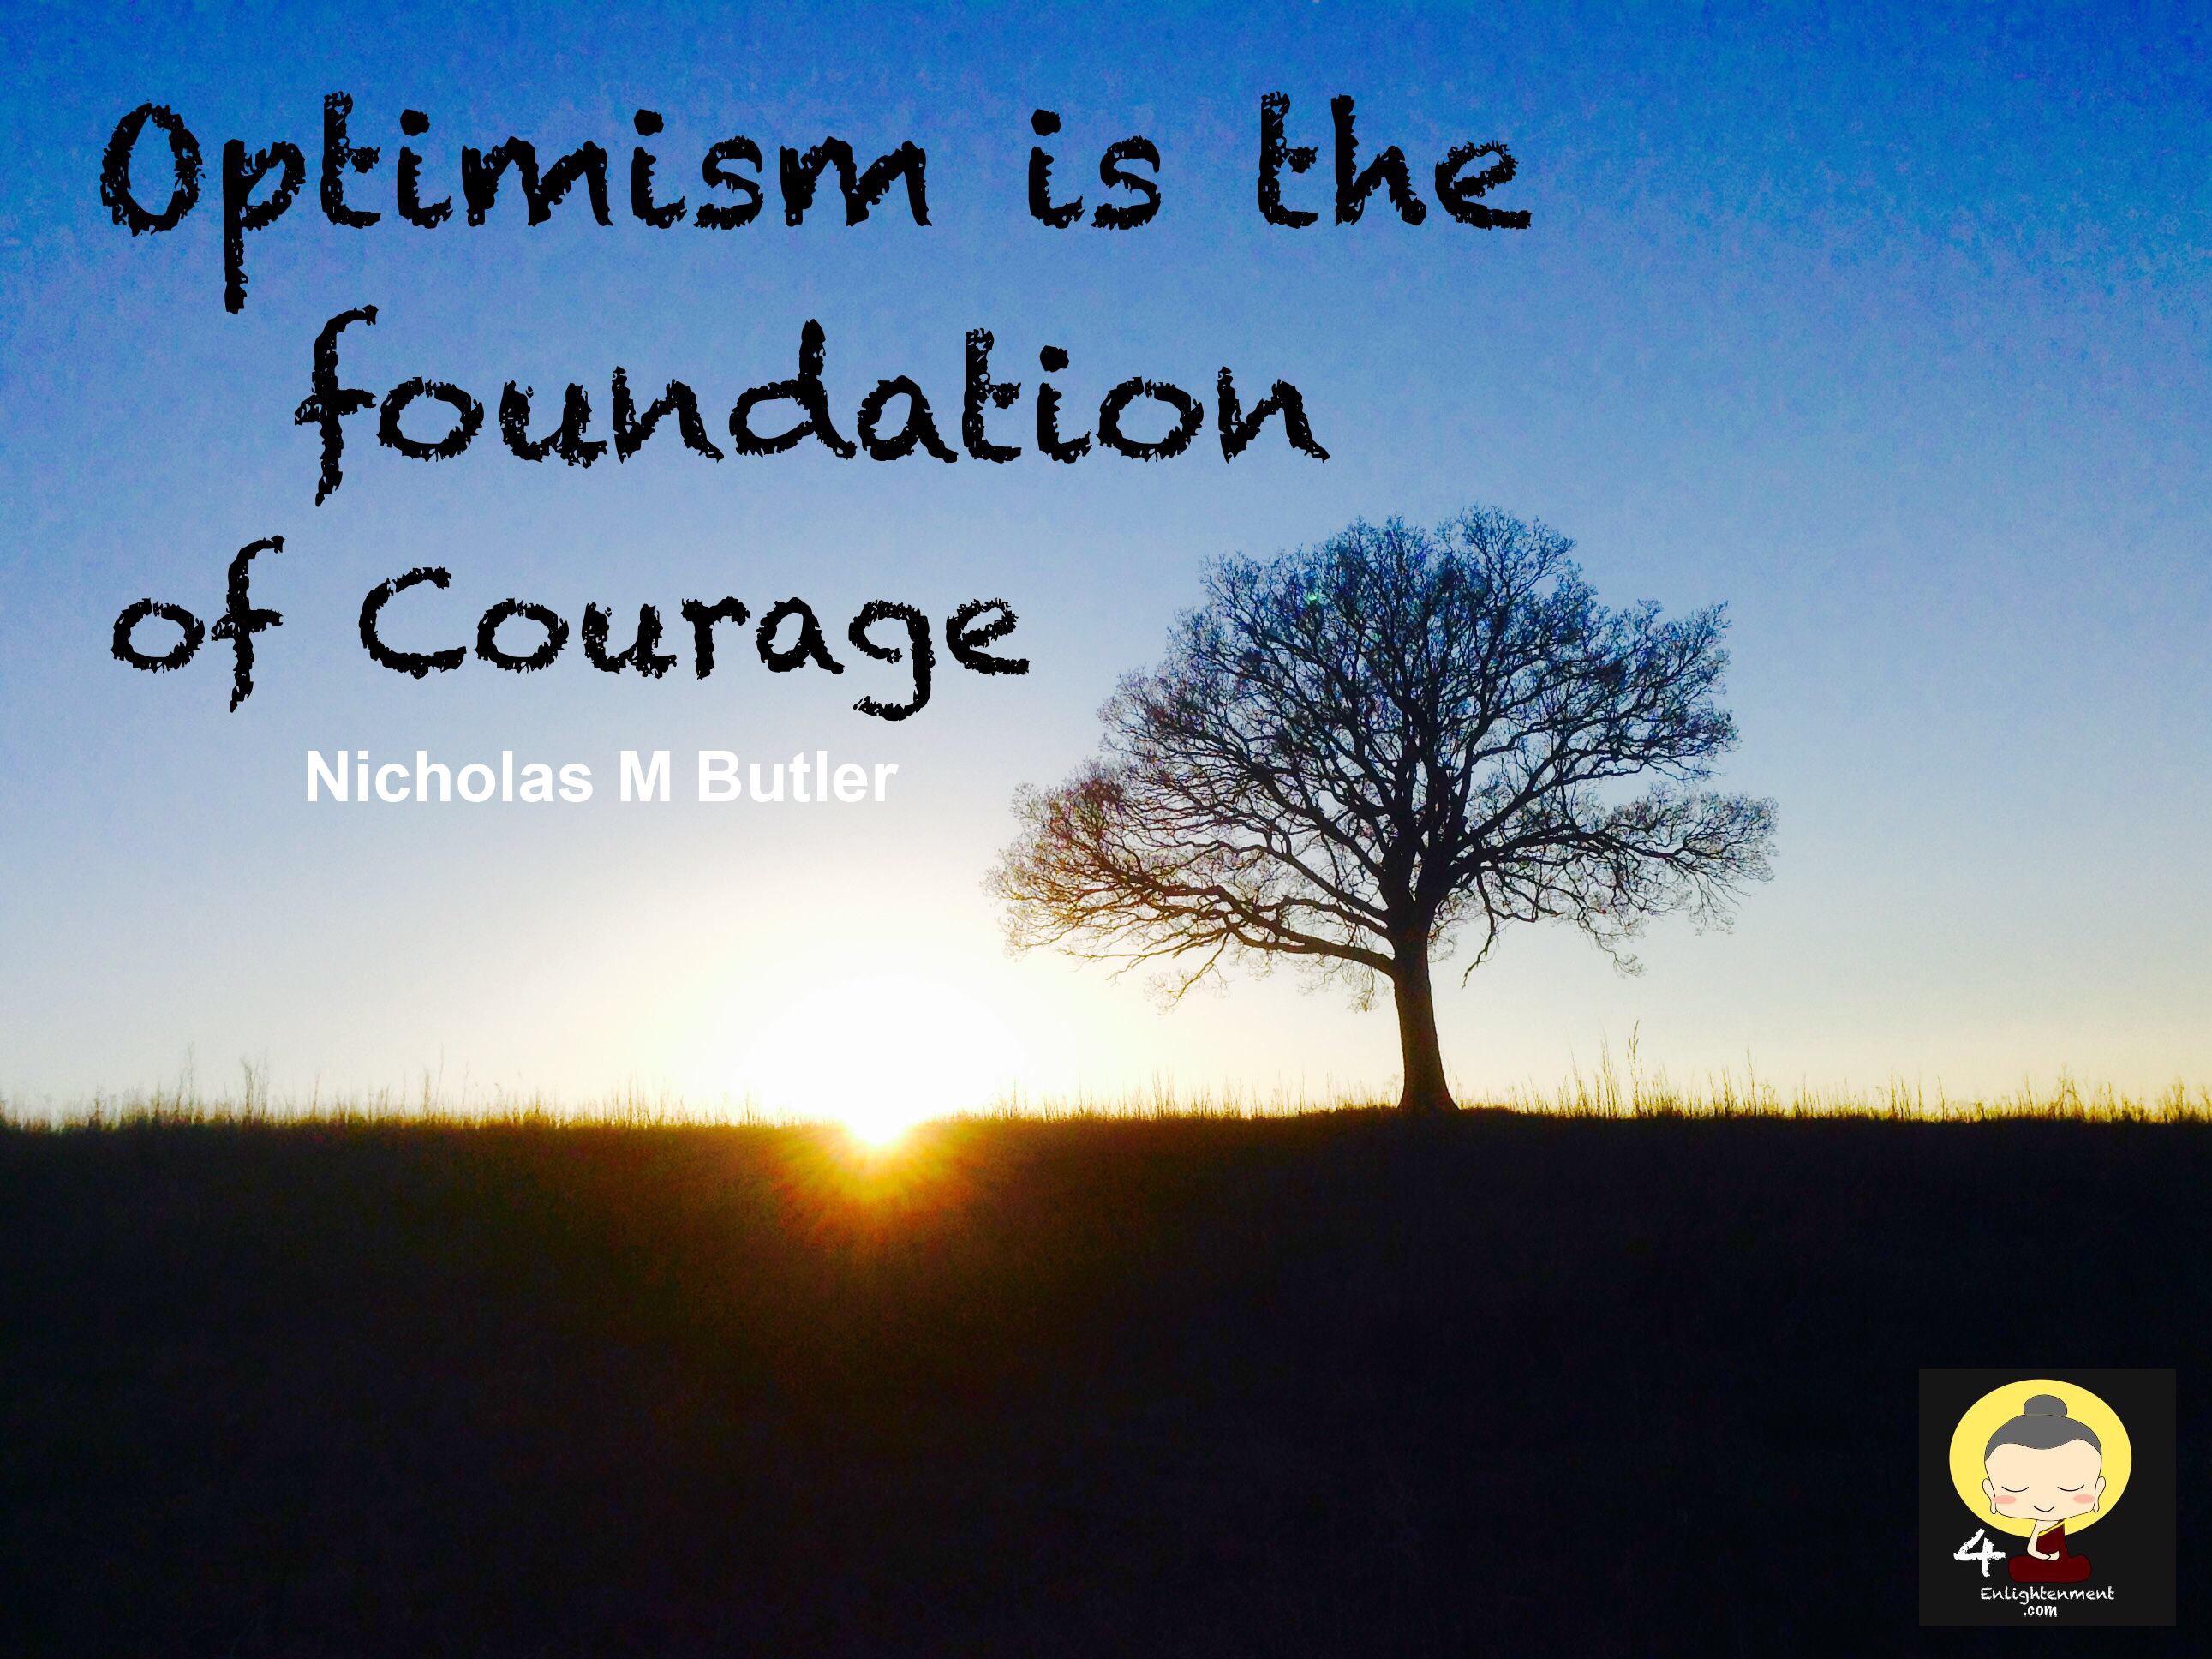 Optimism quote Nicholas M Butler